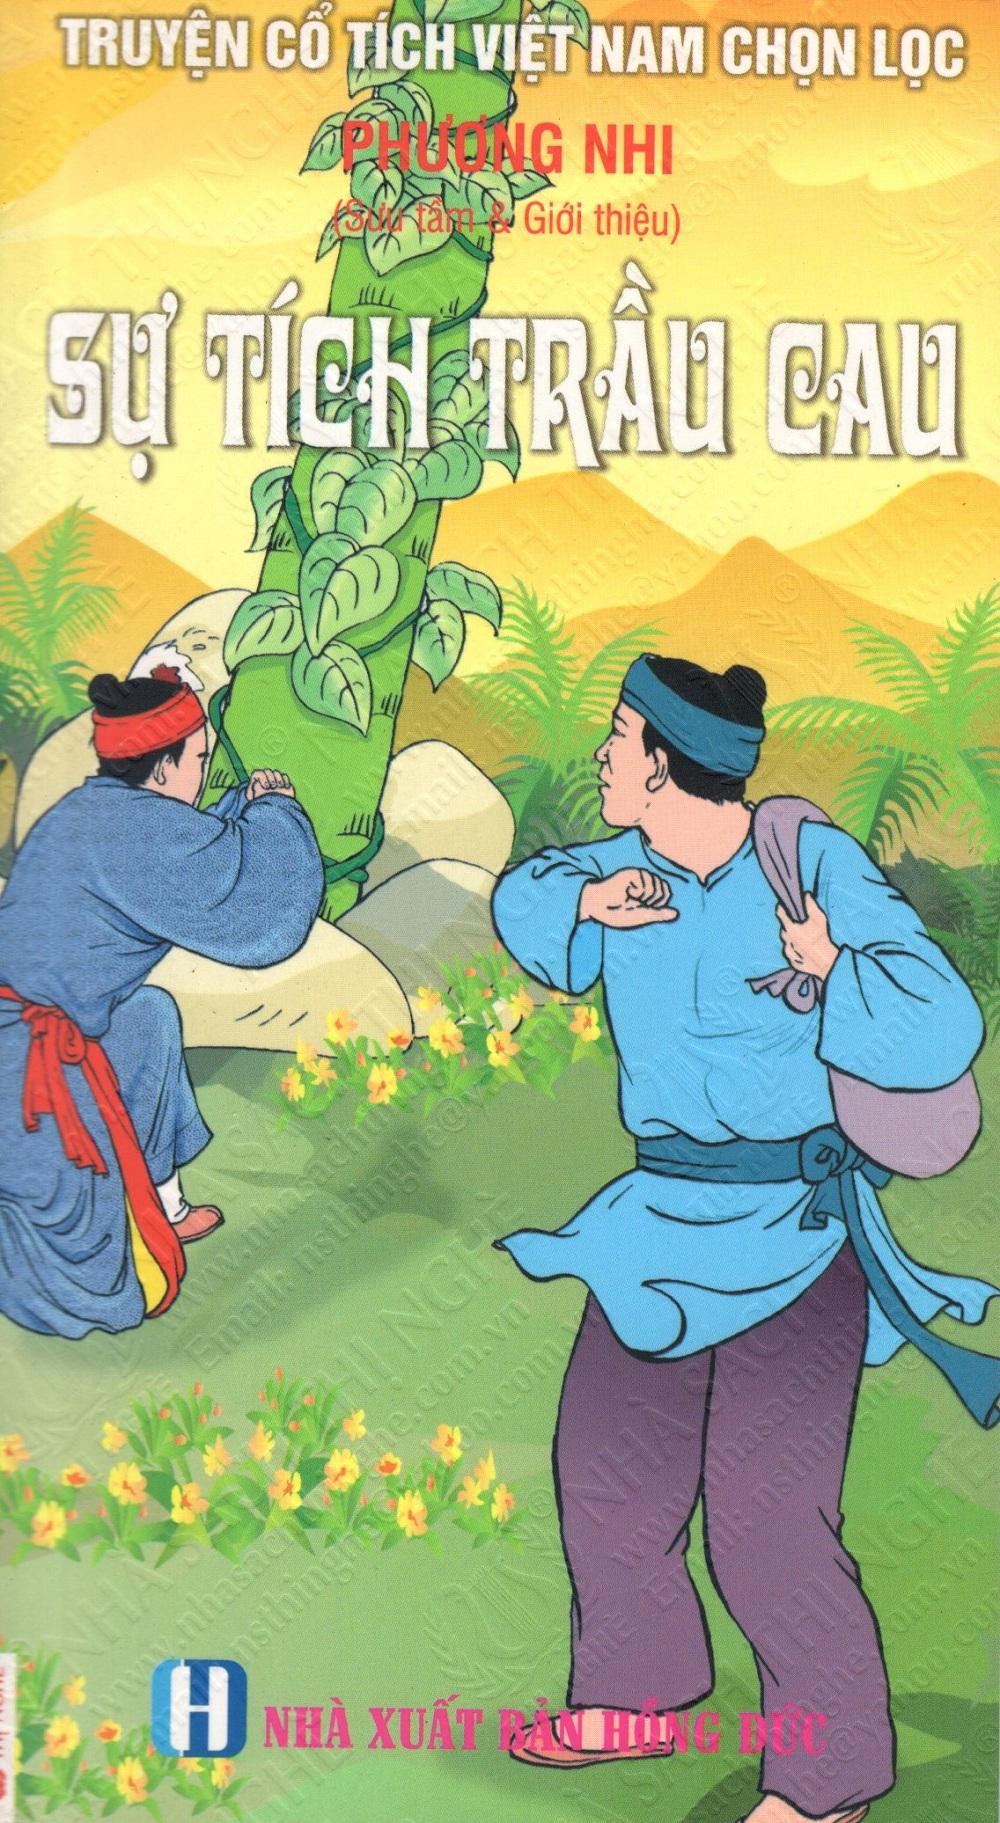 Bìa sách Truyện Cổ Tích Việt Nam Chọn Lọc: Sự Tích Trầu Cau